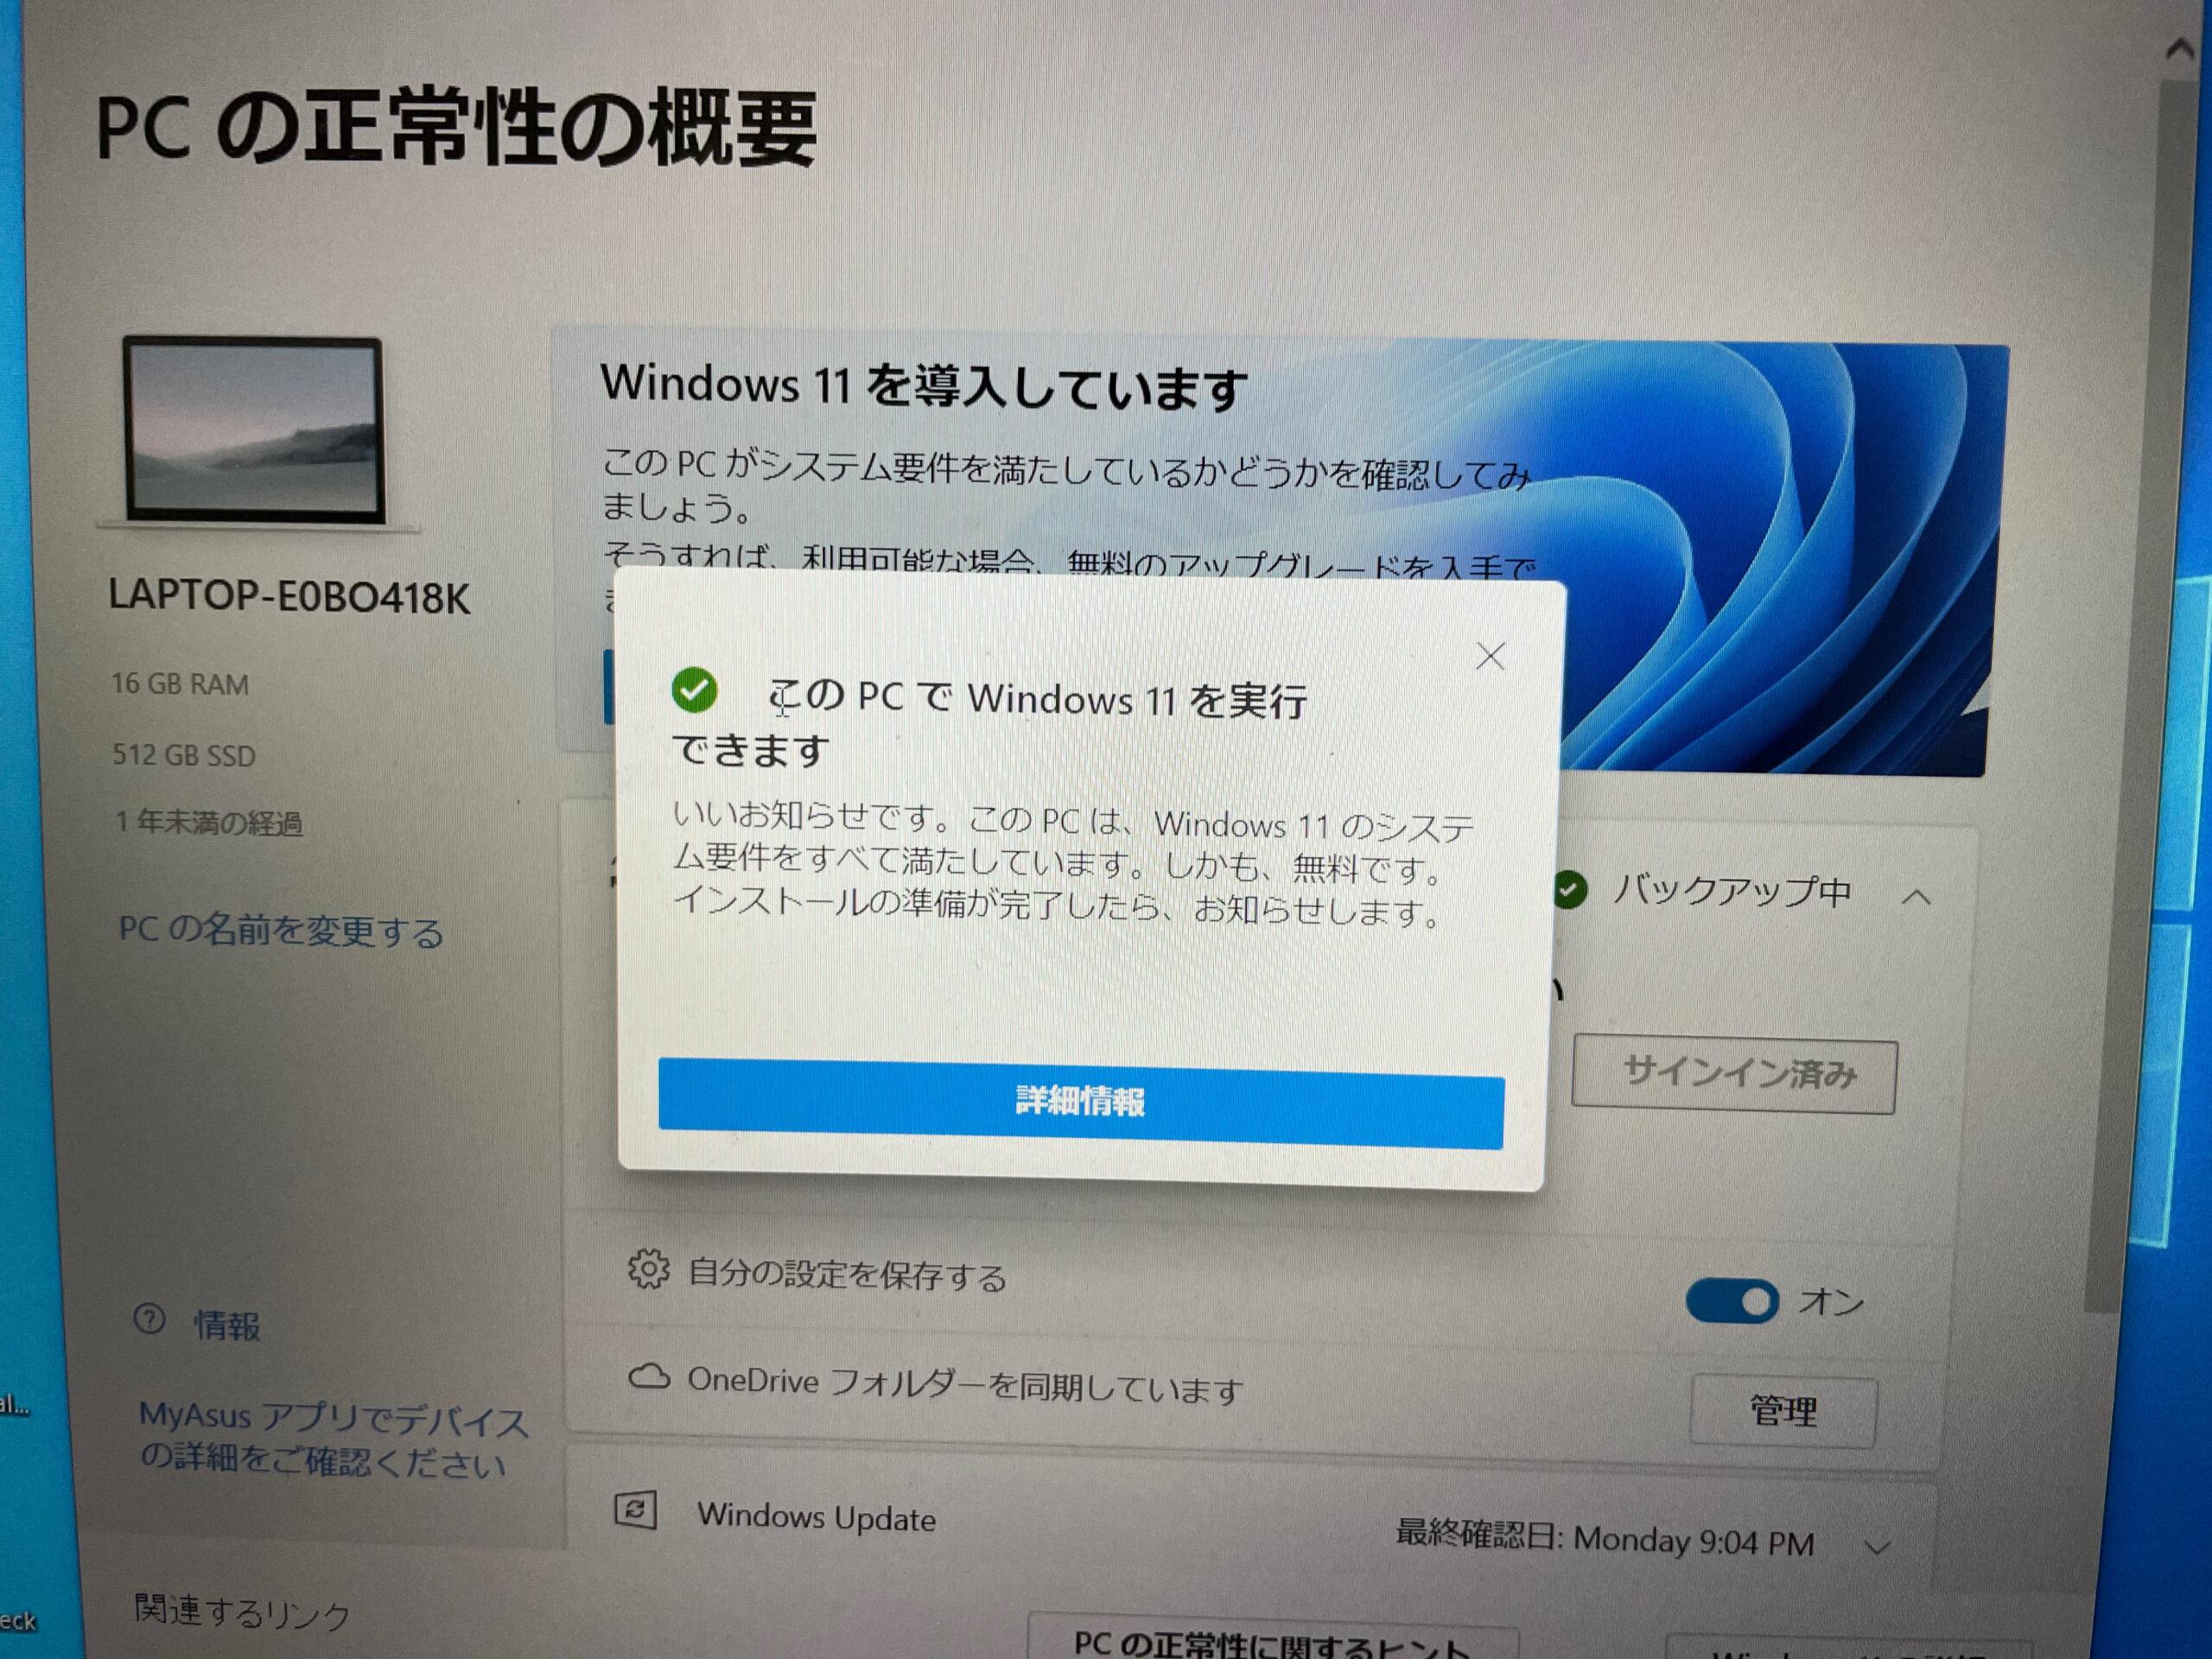 Windows11 が対応しているという写真